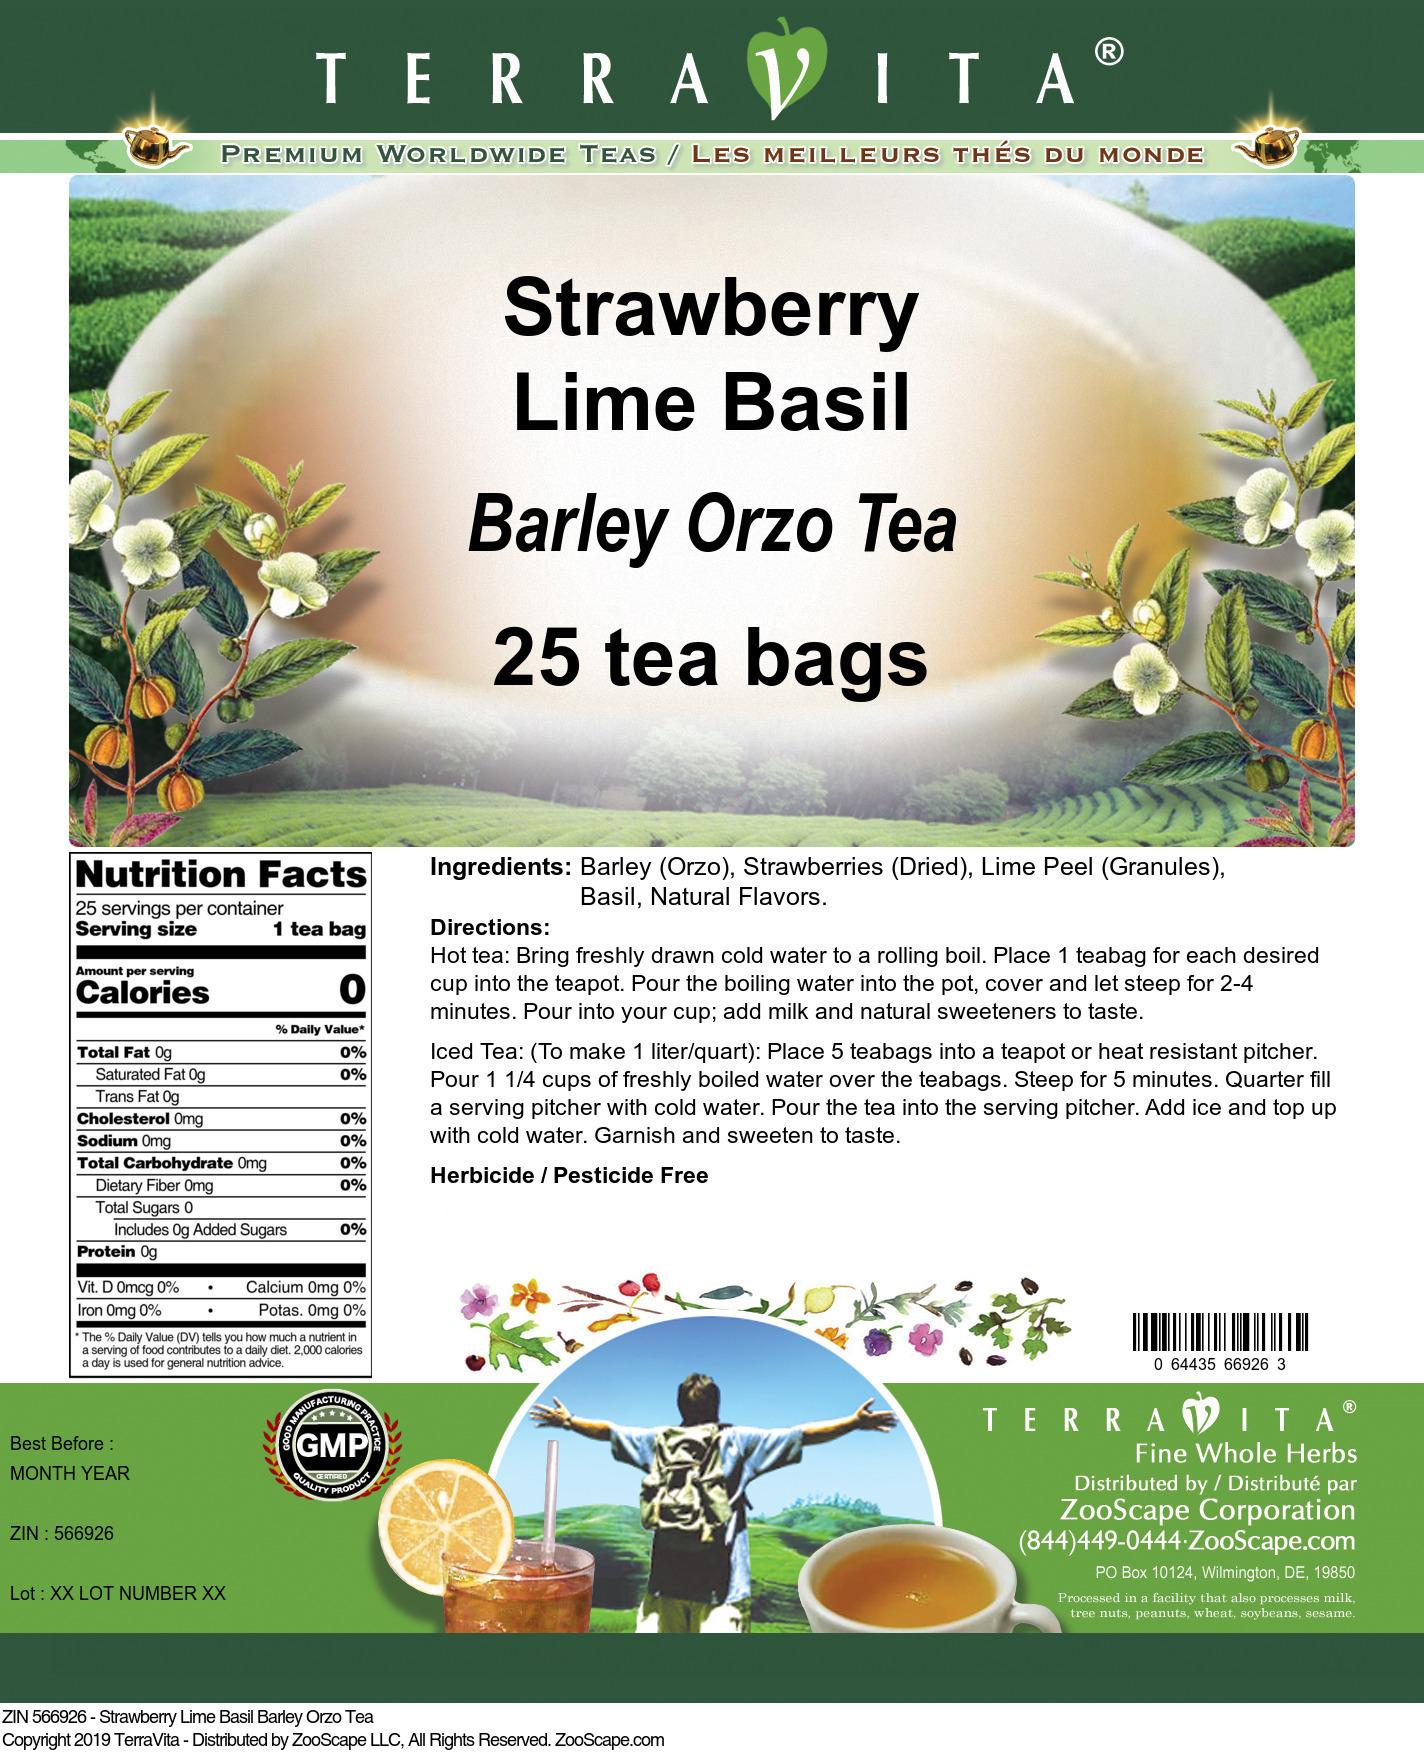 Strawberry Lime Basil Barley Orzo Tea